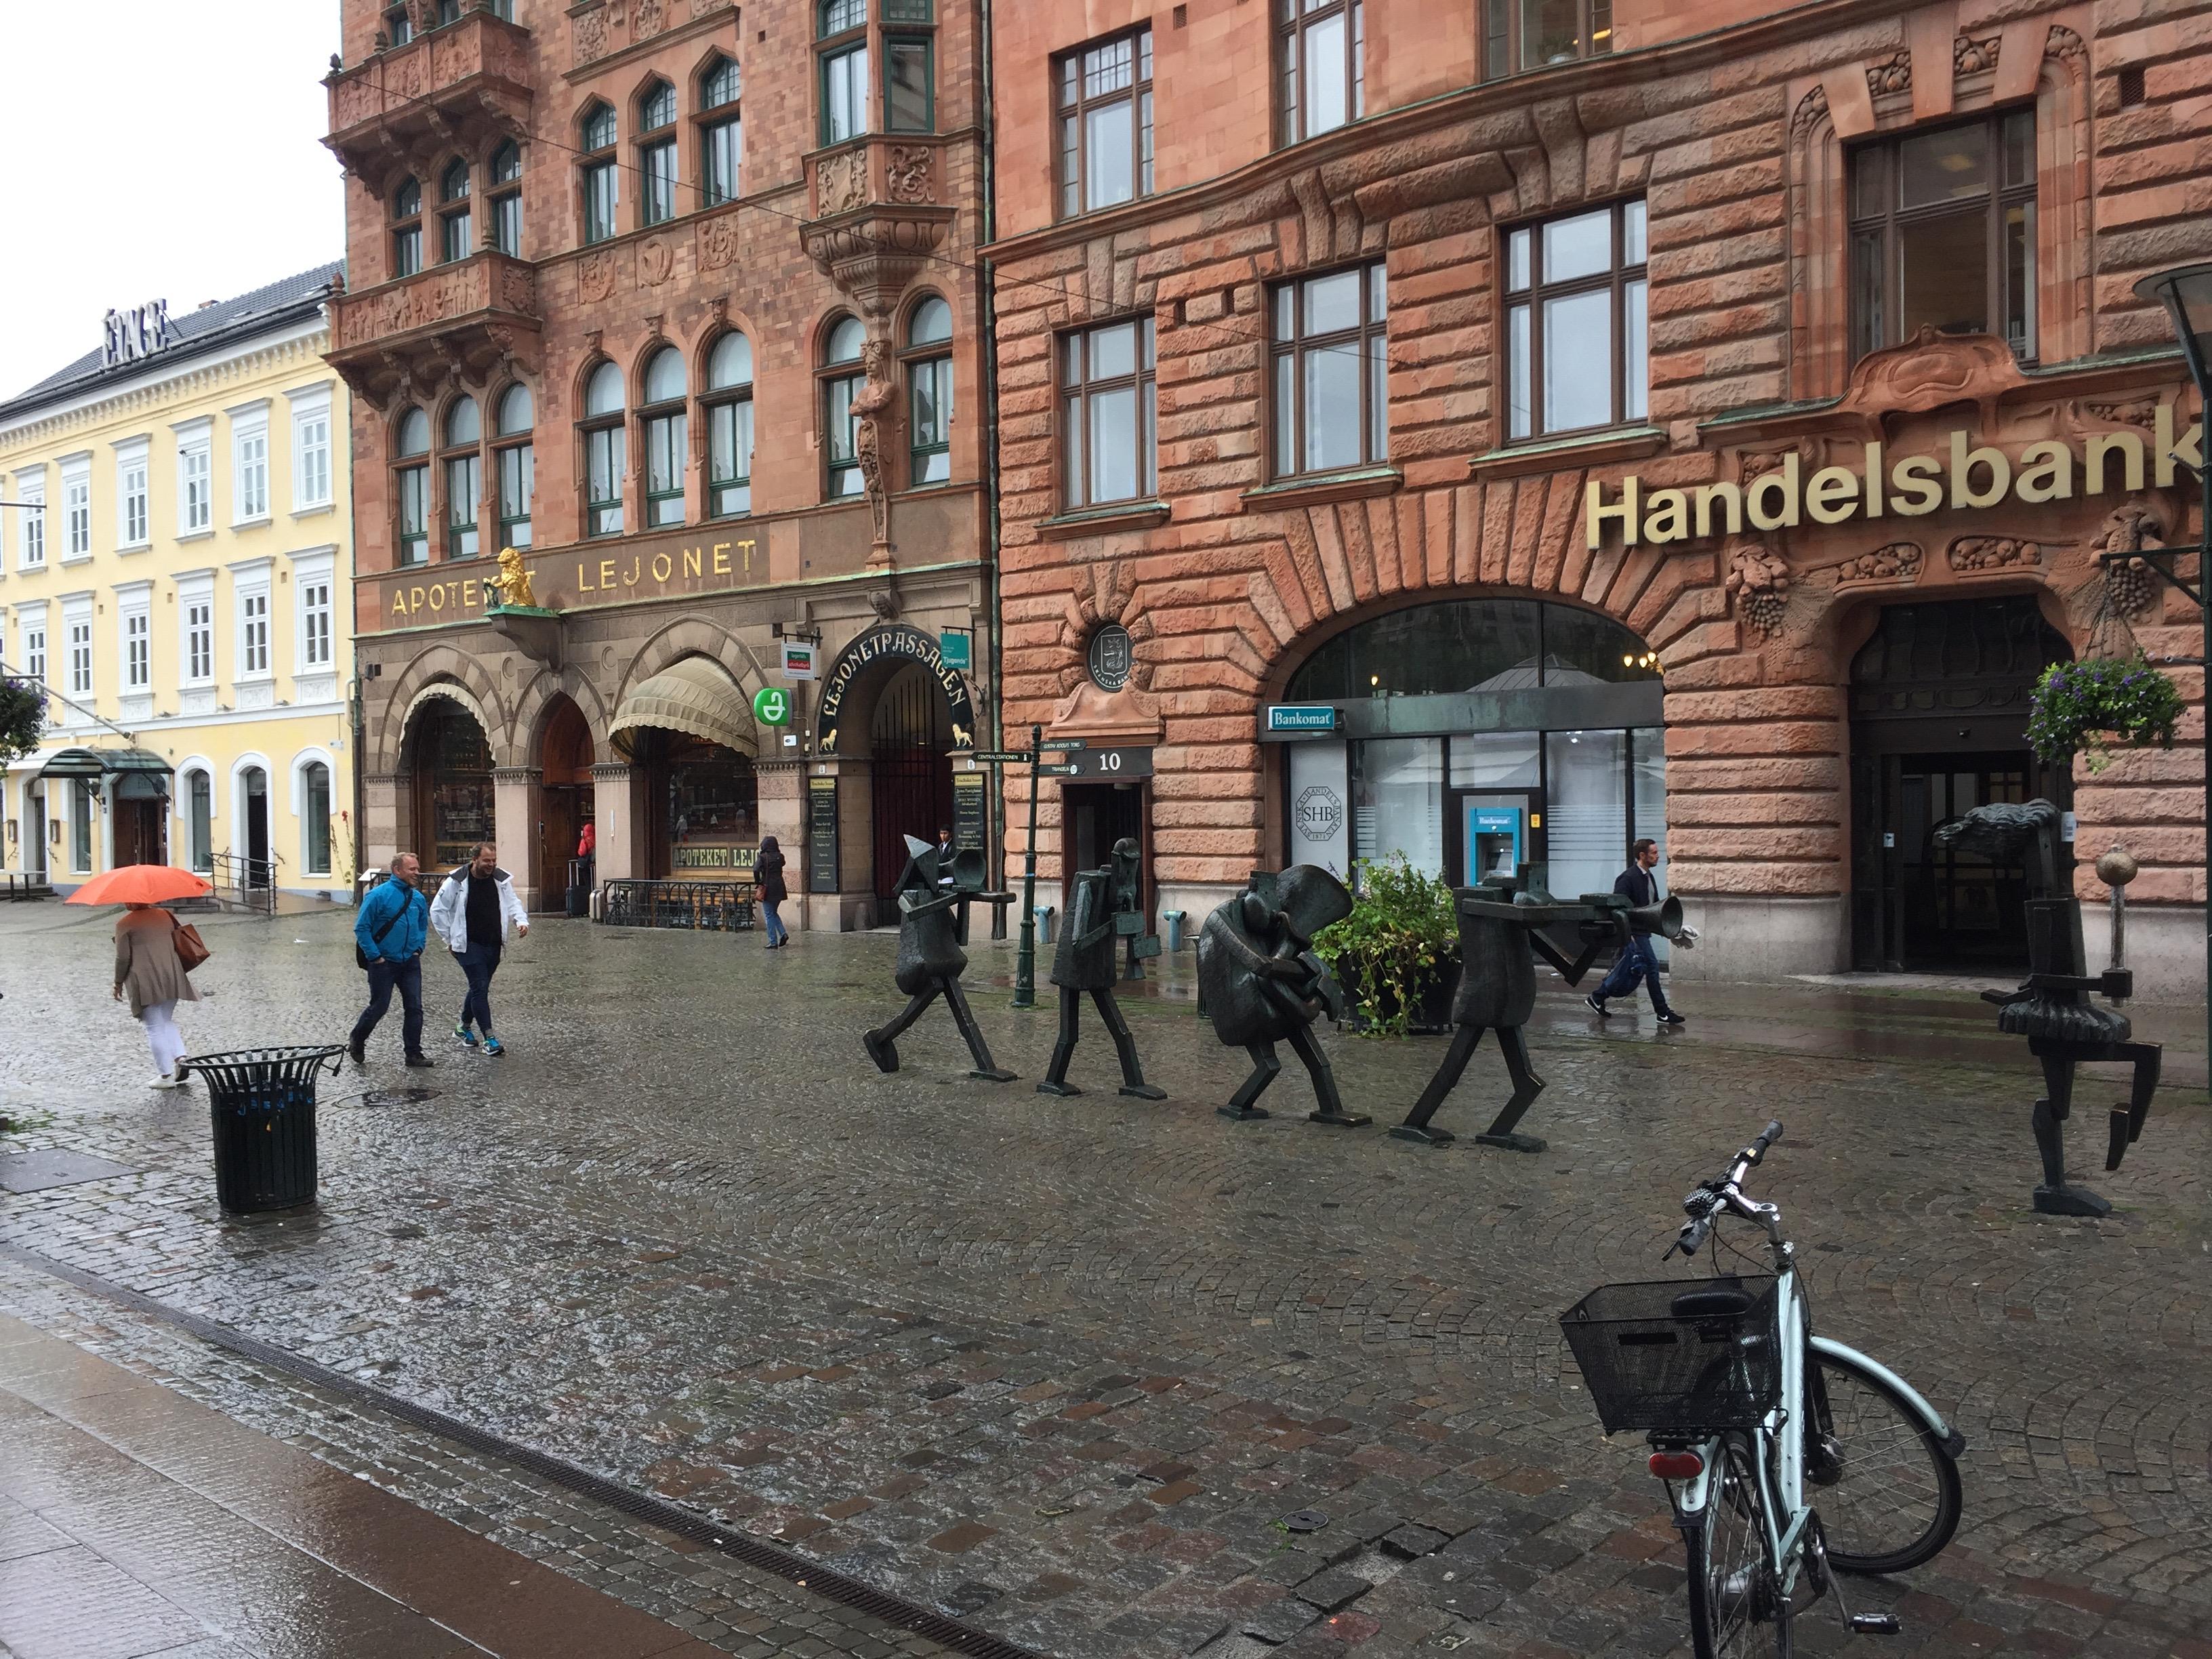 スウェーデン マルメ 雑貨 お洒落 屋上緑化 移民 難民